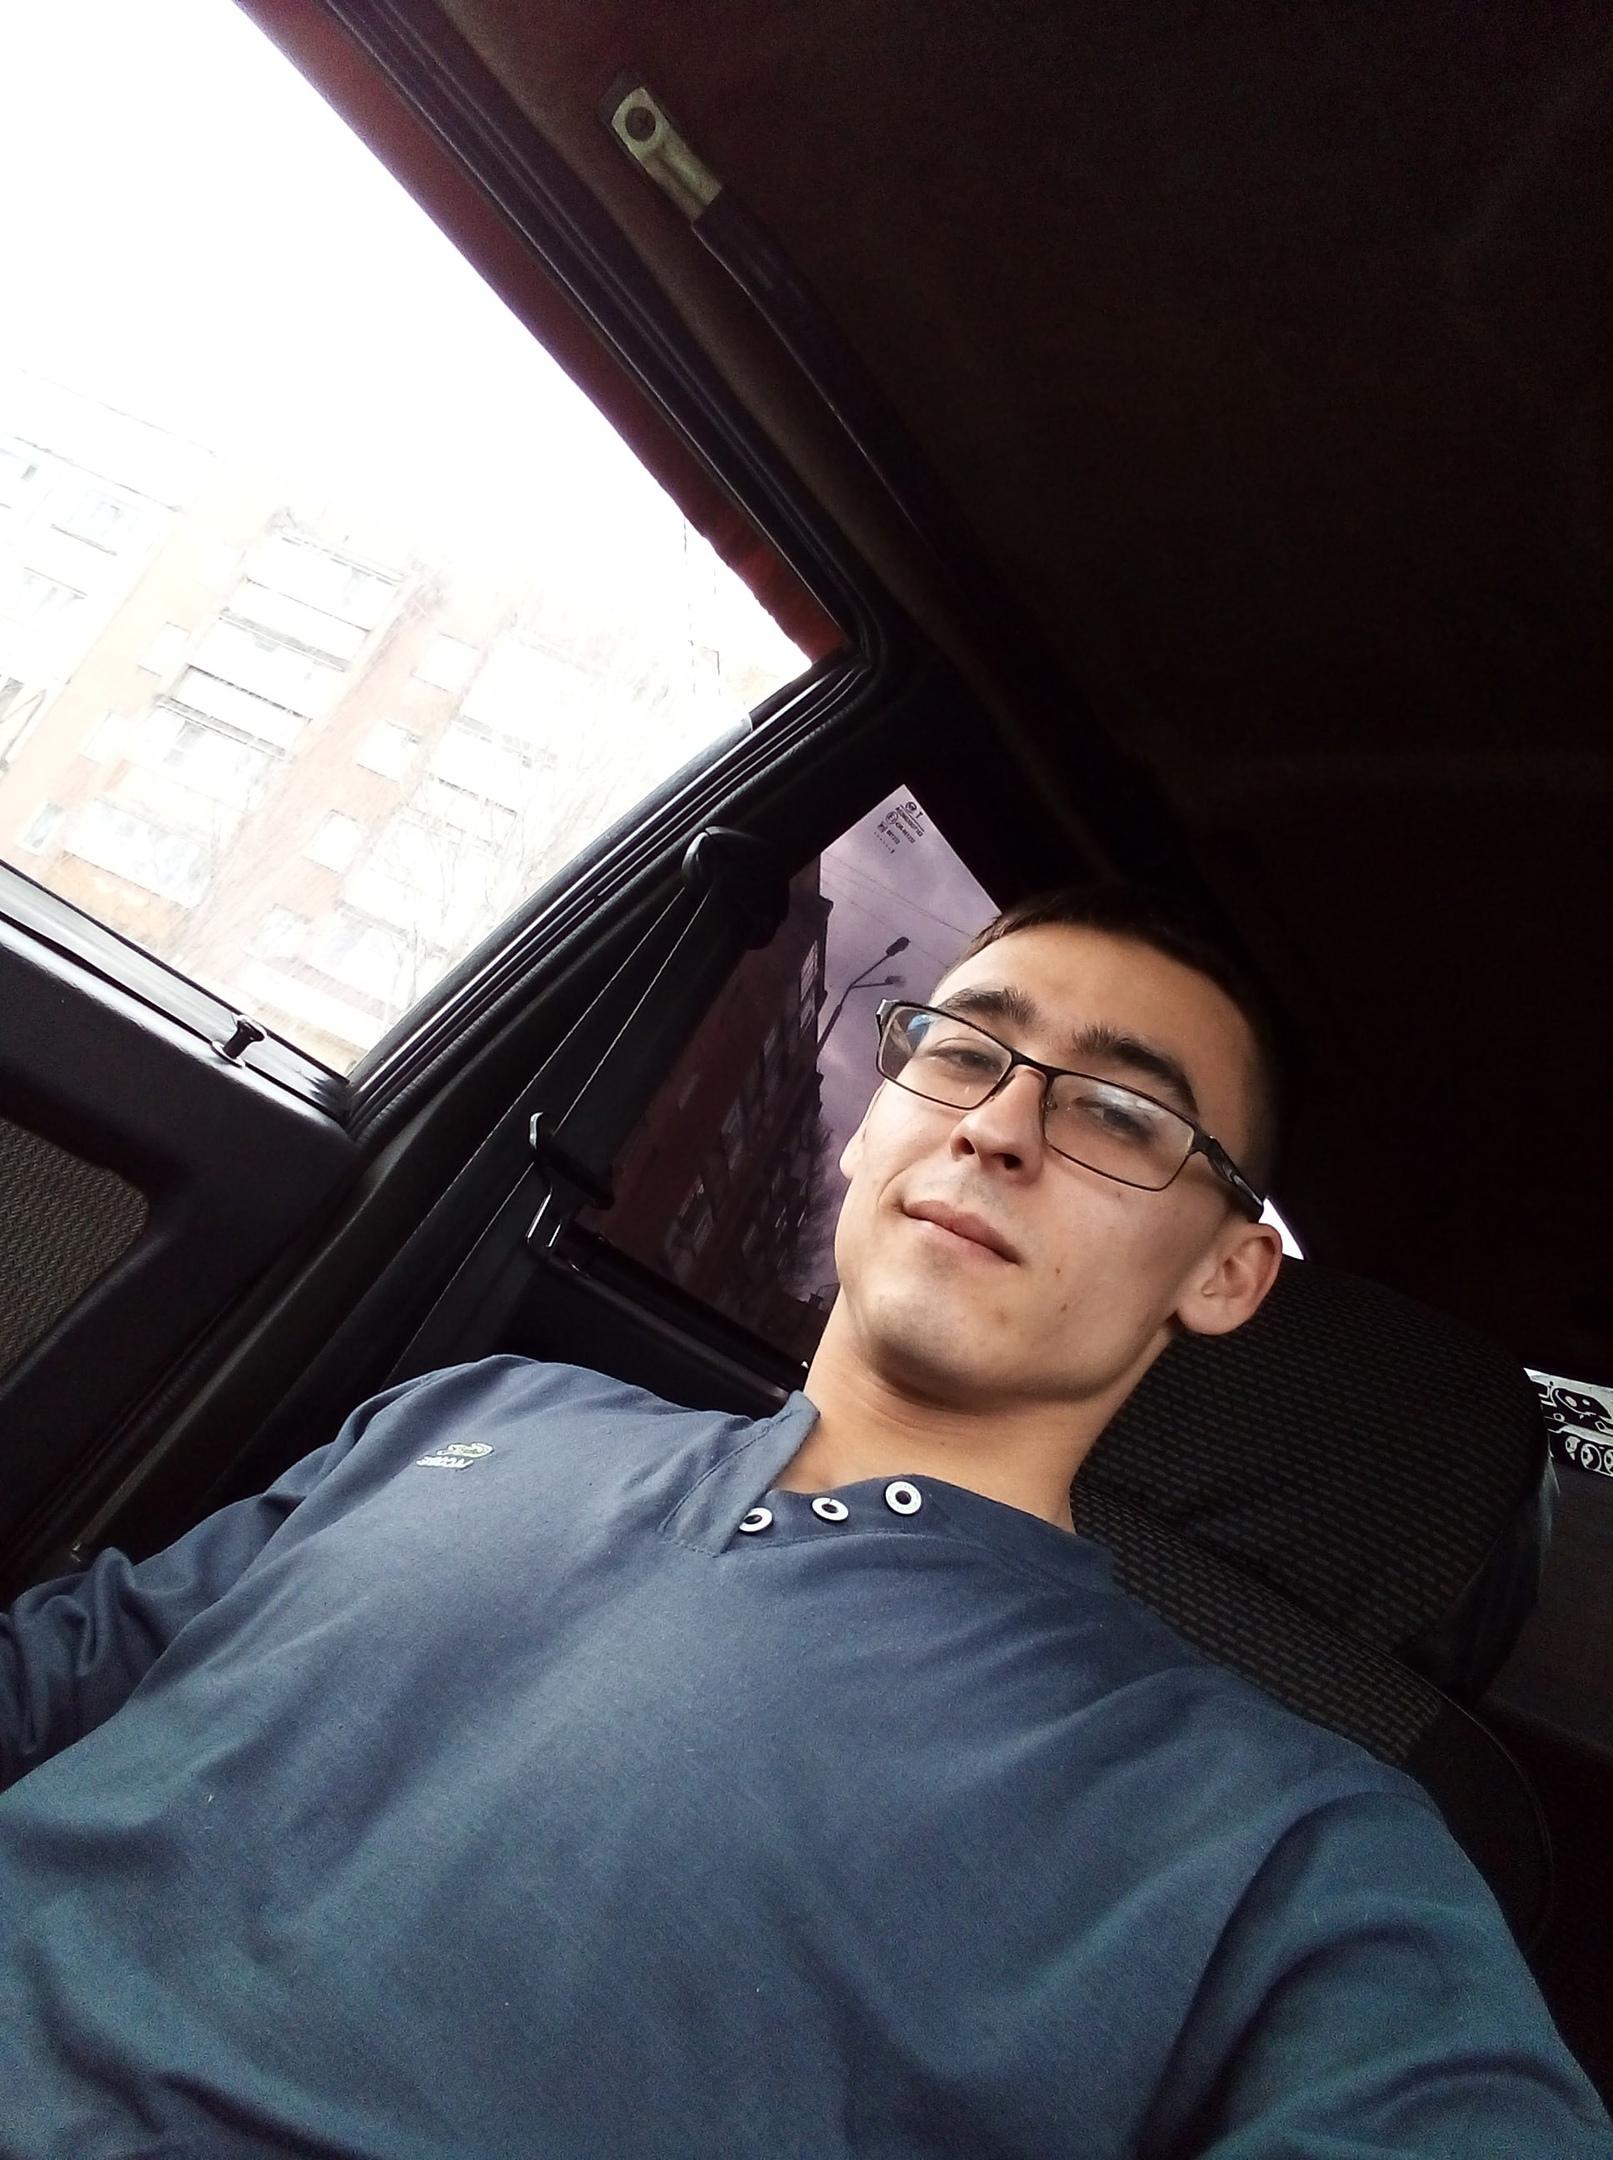 Evgeny, 23, Belgorod